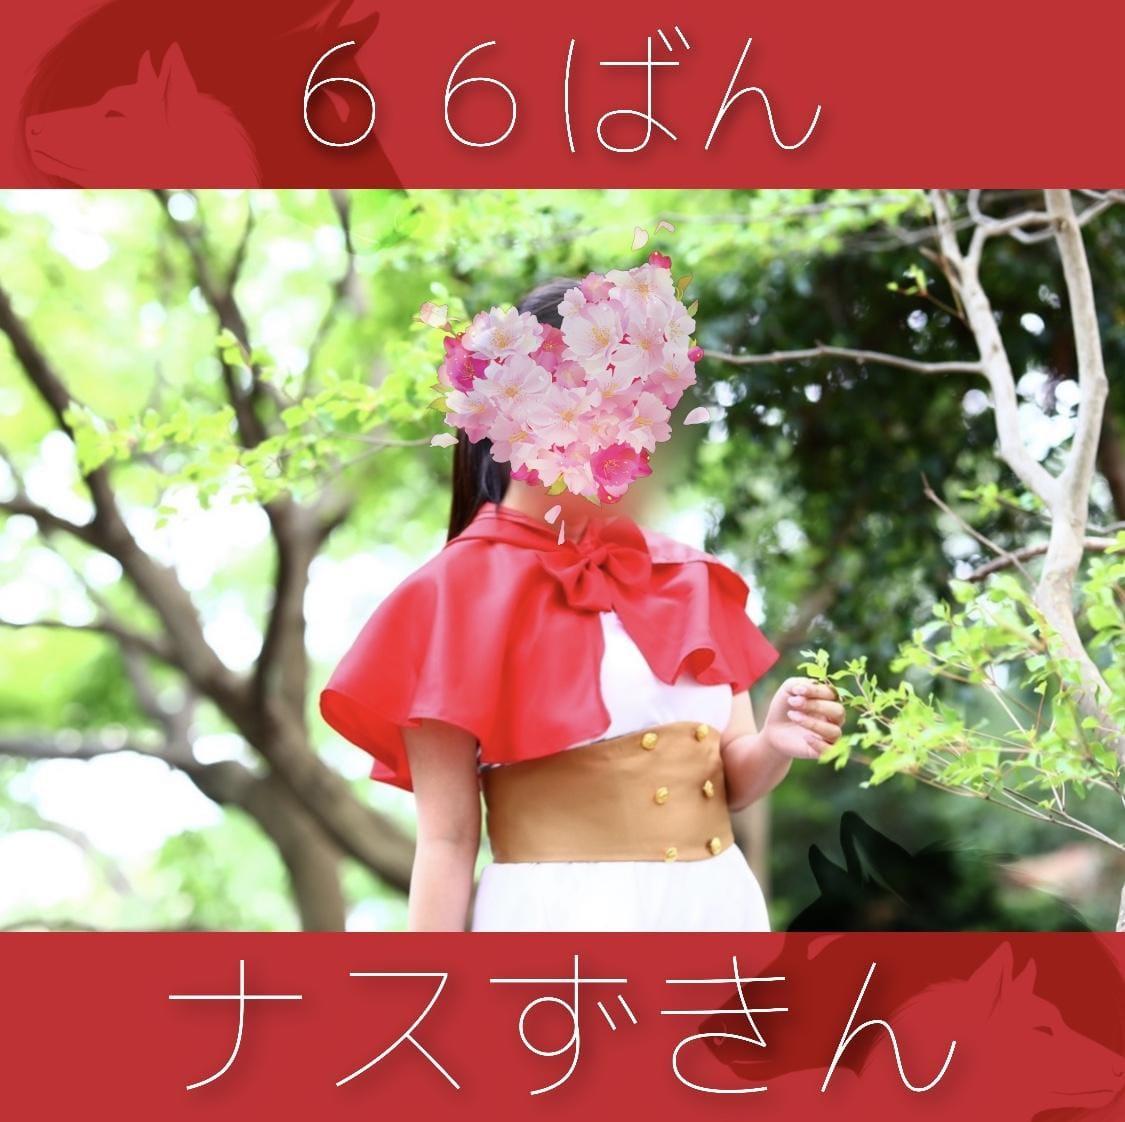 「No.66 那須 ナスずきん(。ơᴗơ。)♡」05/03(日) 09:09 | 那須の写メ・風俗動画